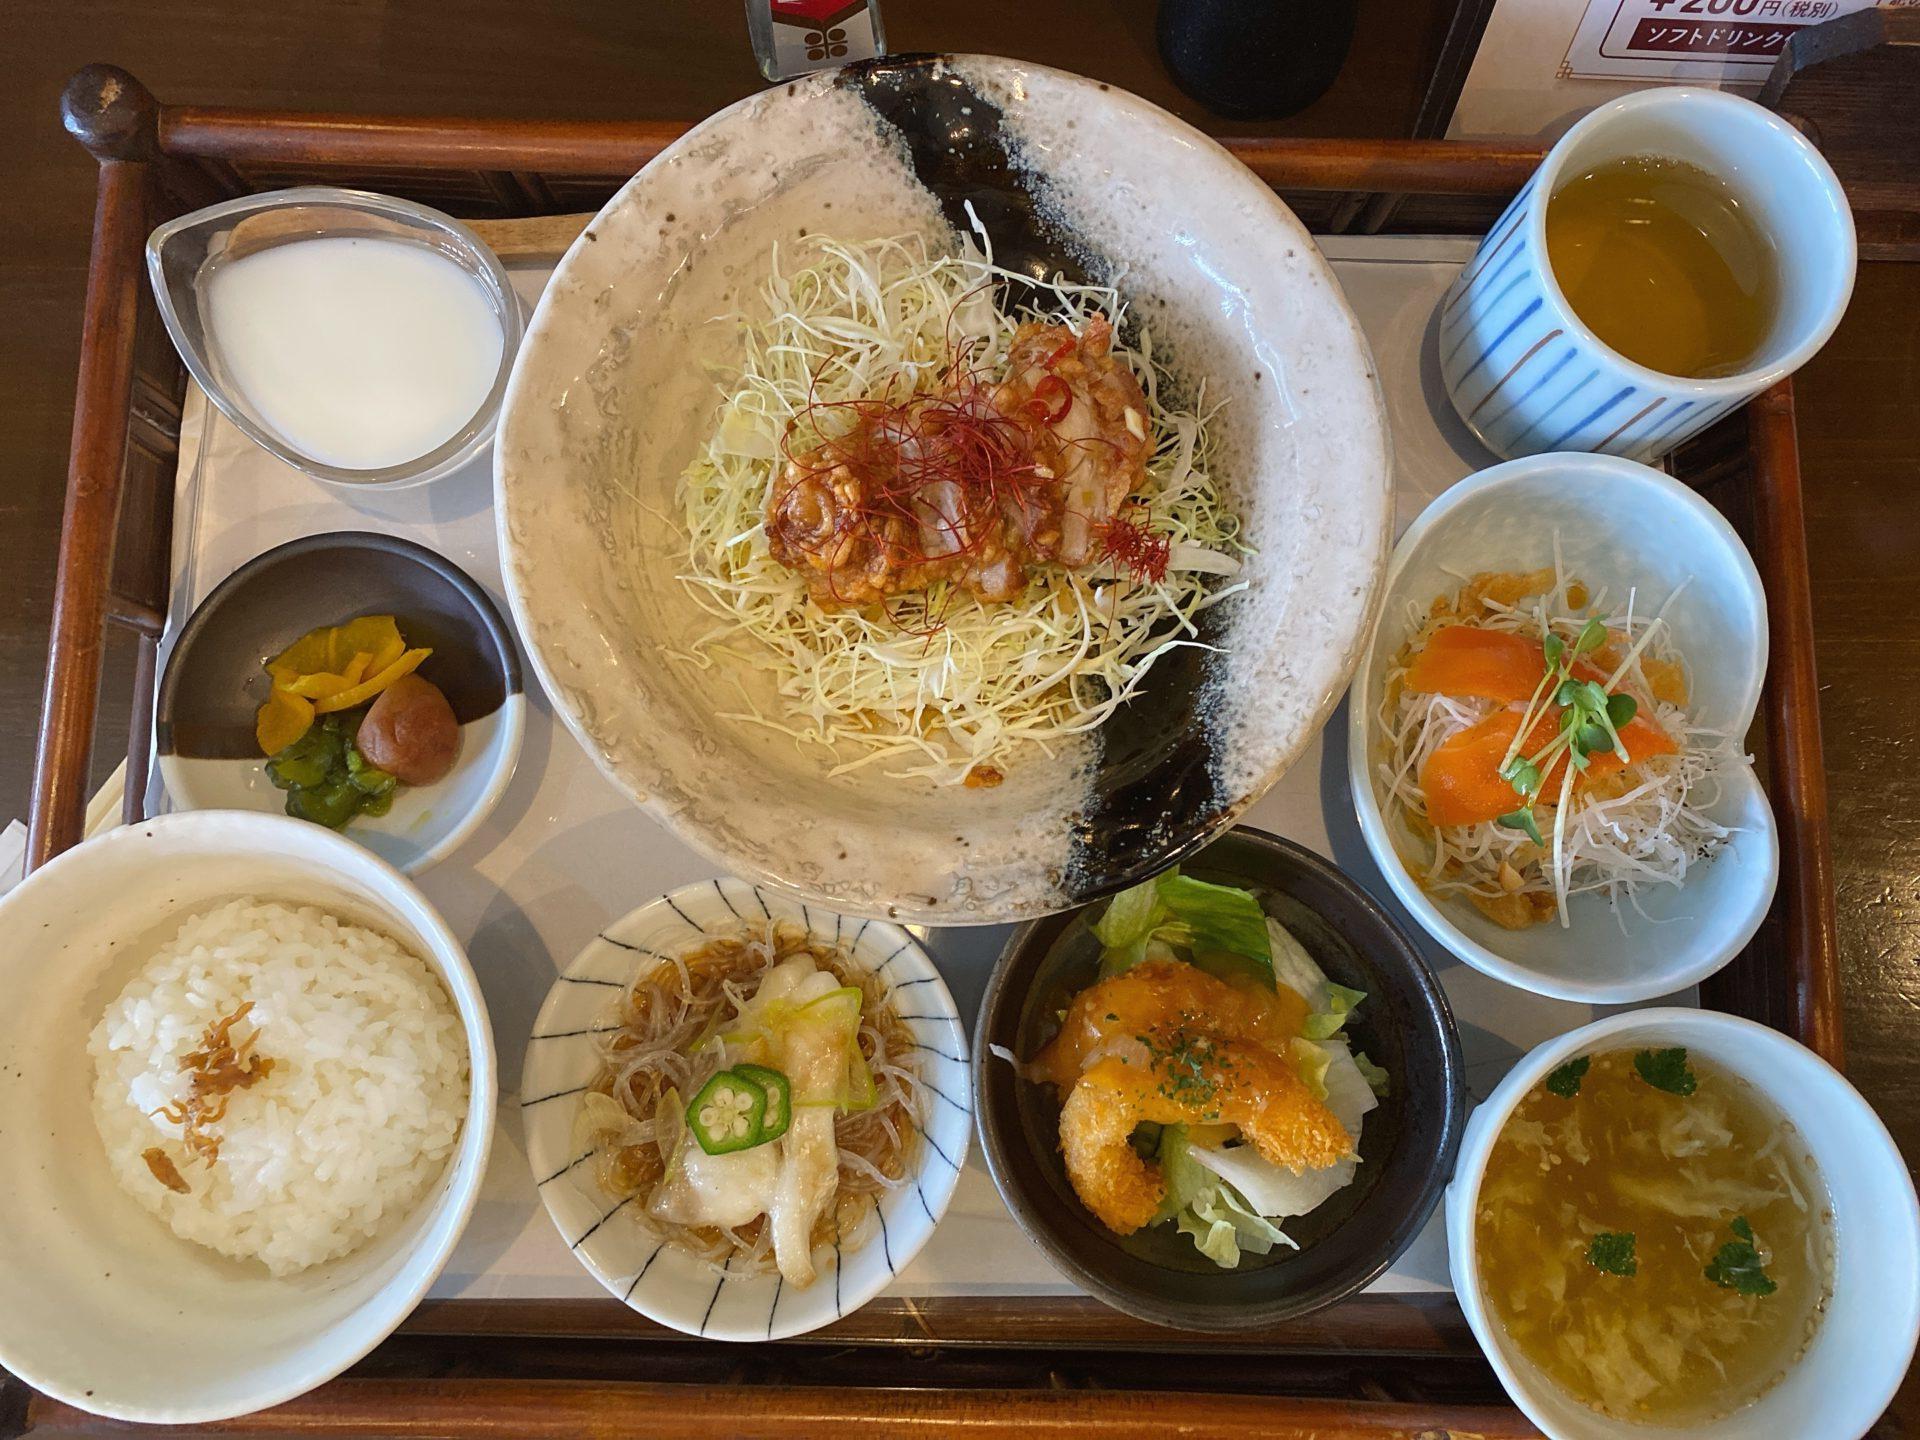 高島駅から車で3分 和風中国飯店 Simple(シンプル)のお昼は日替わりランチのみで、今日のメインは油淋鶏!